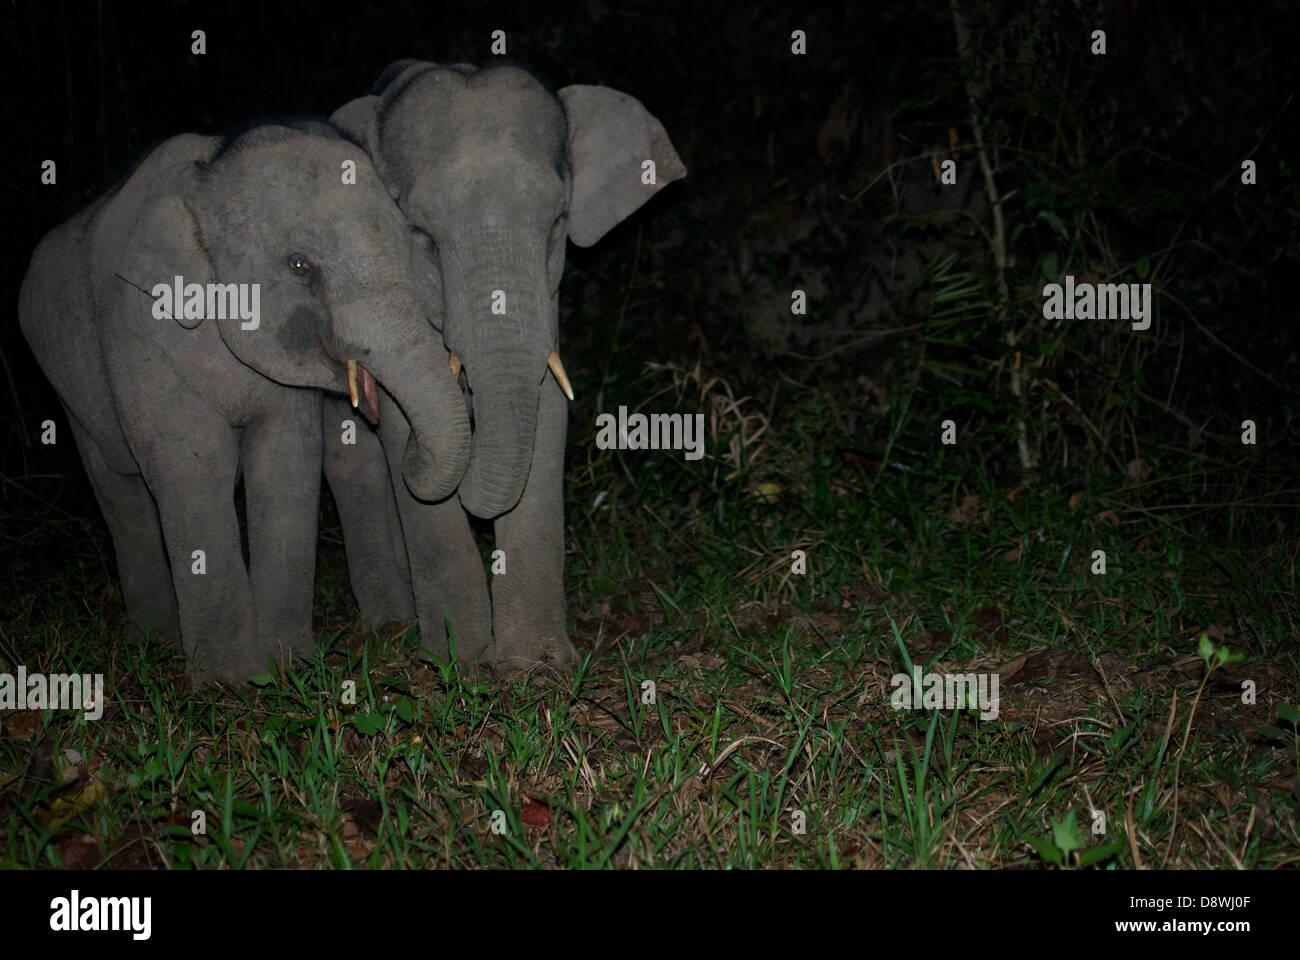 Les juvéniles sauvages les éléphants d'Asie, Elephas maximus. Pang Sida National Park, Thaïlande. Photo Stock